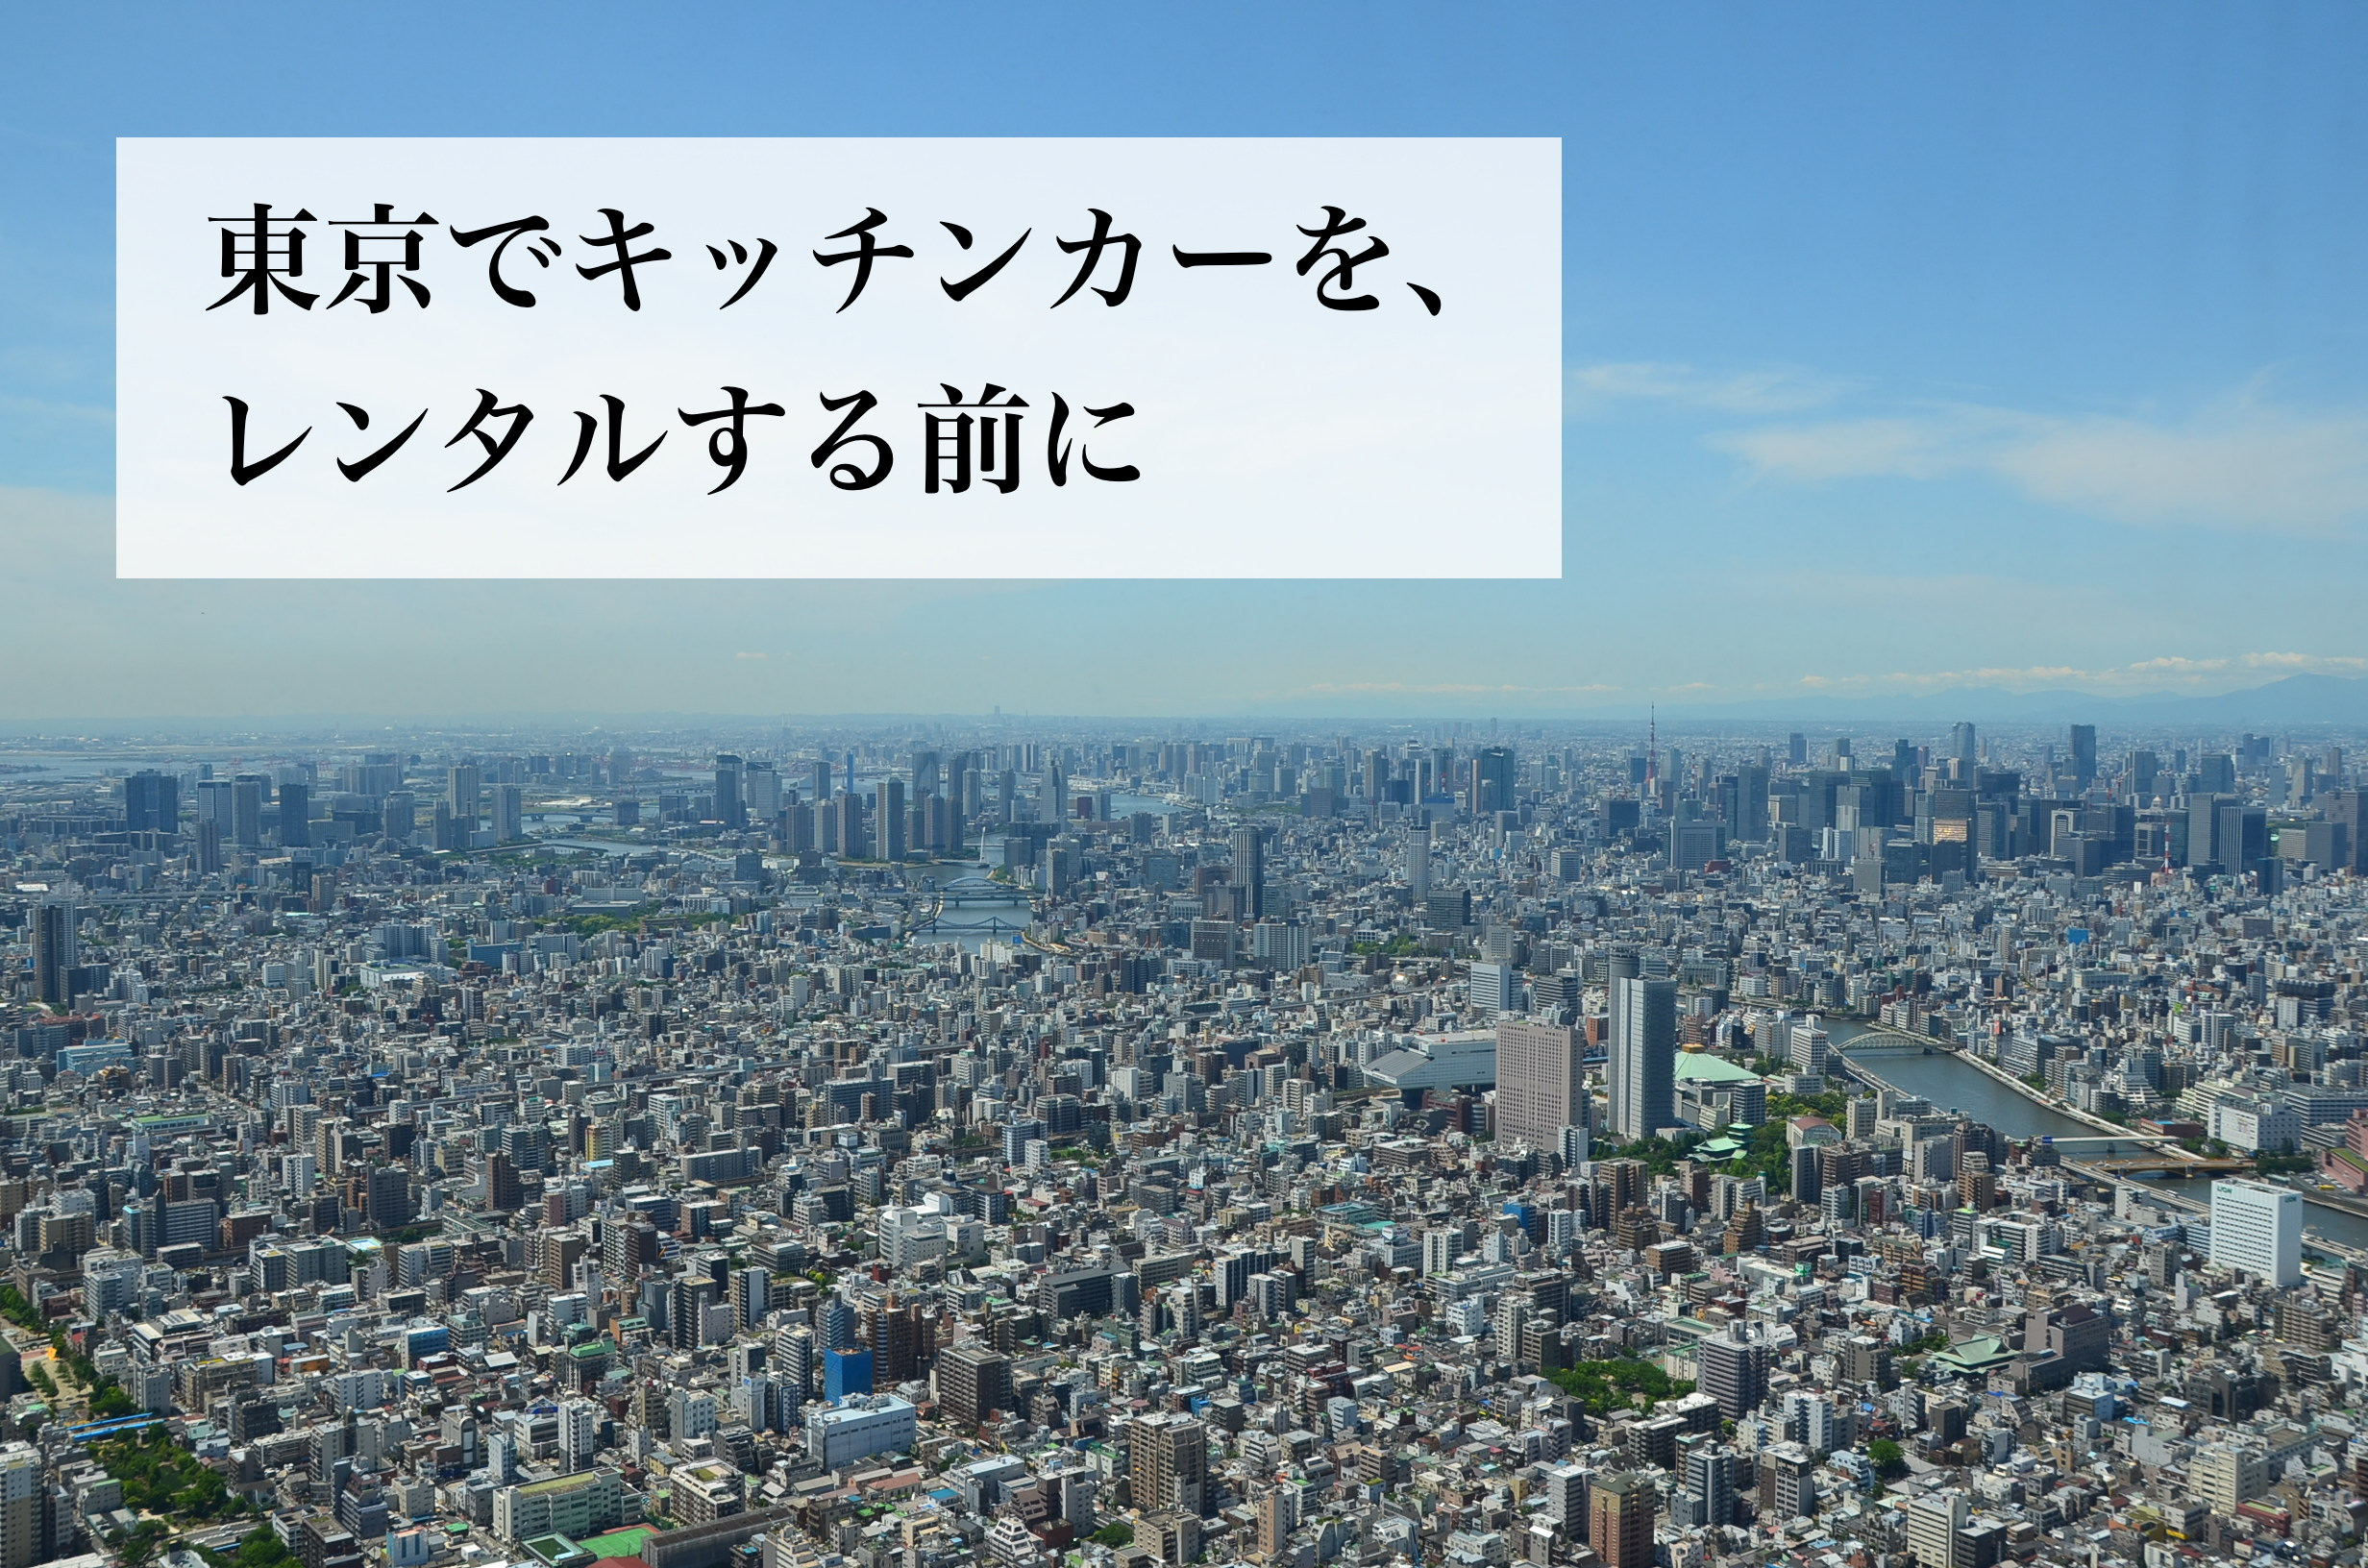 東京でキッチンカーをレンタルする前に